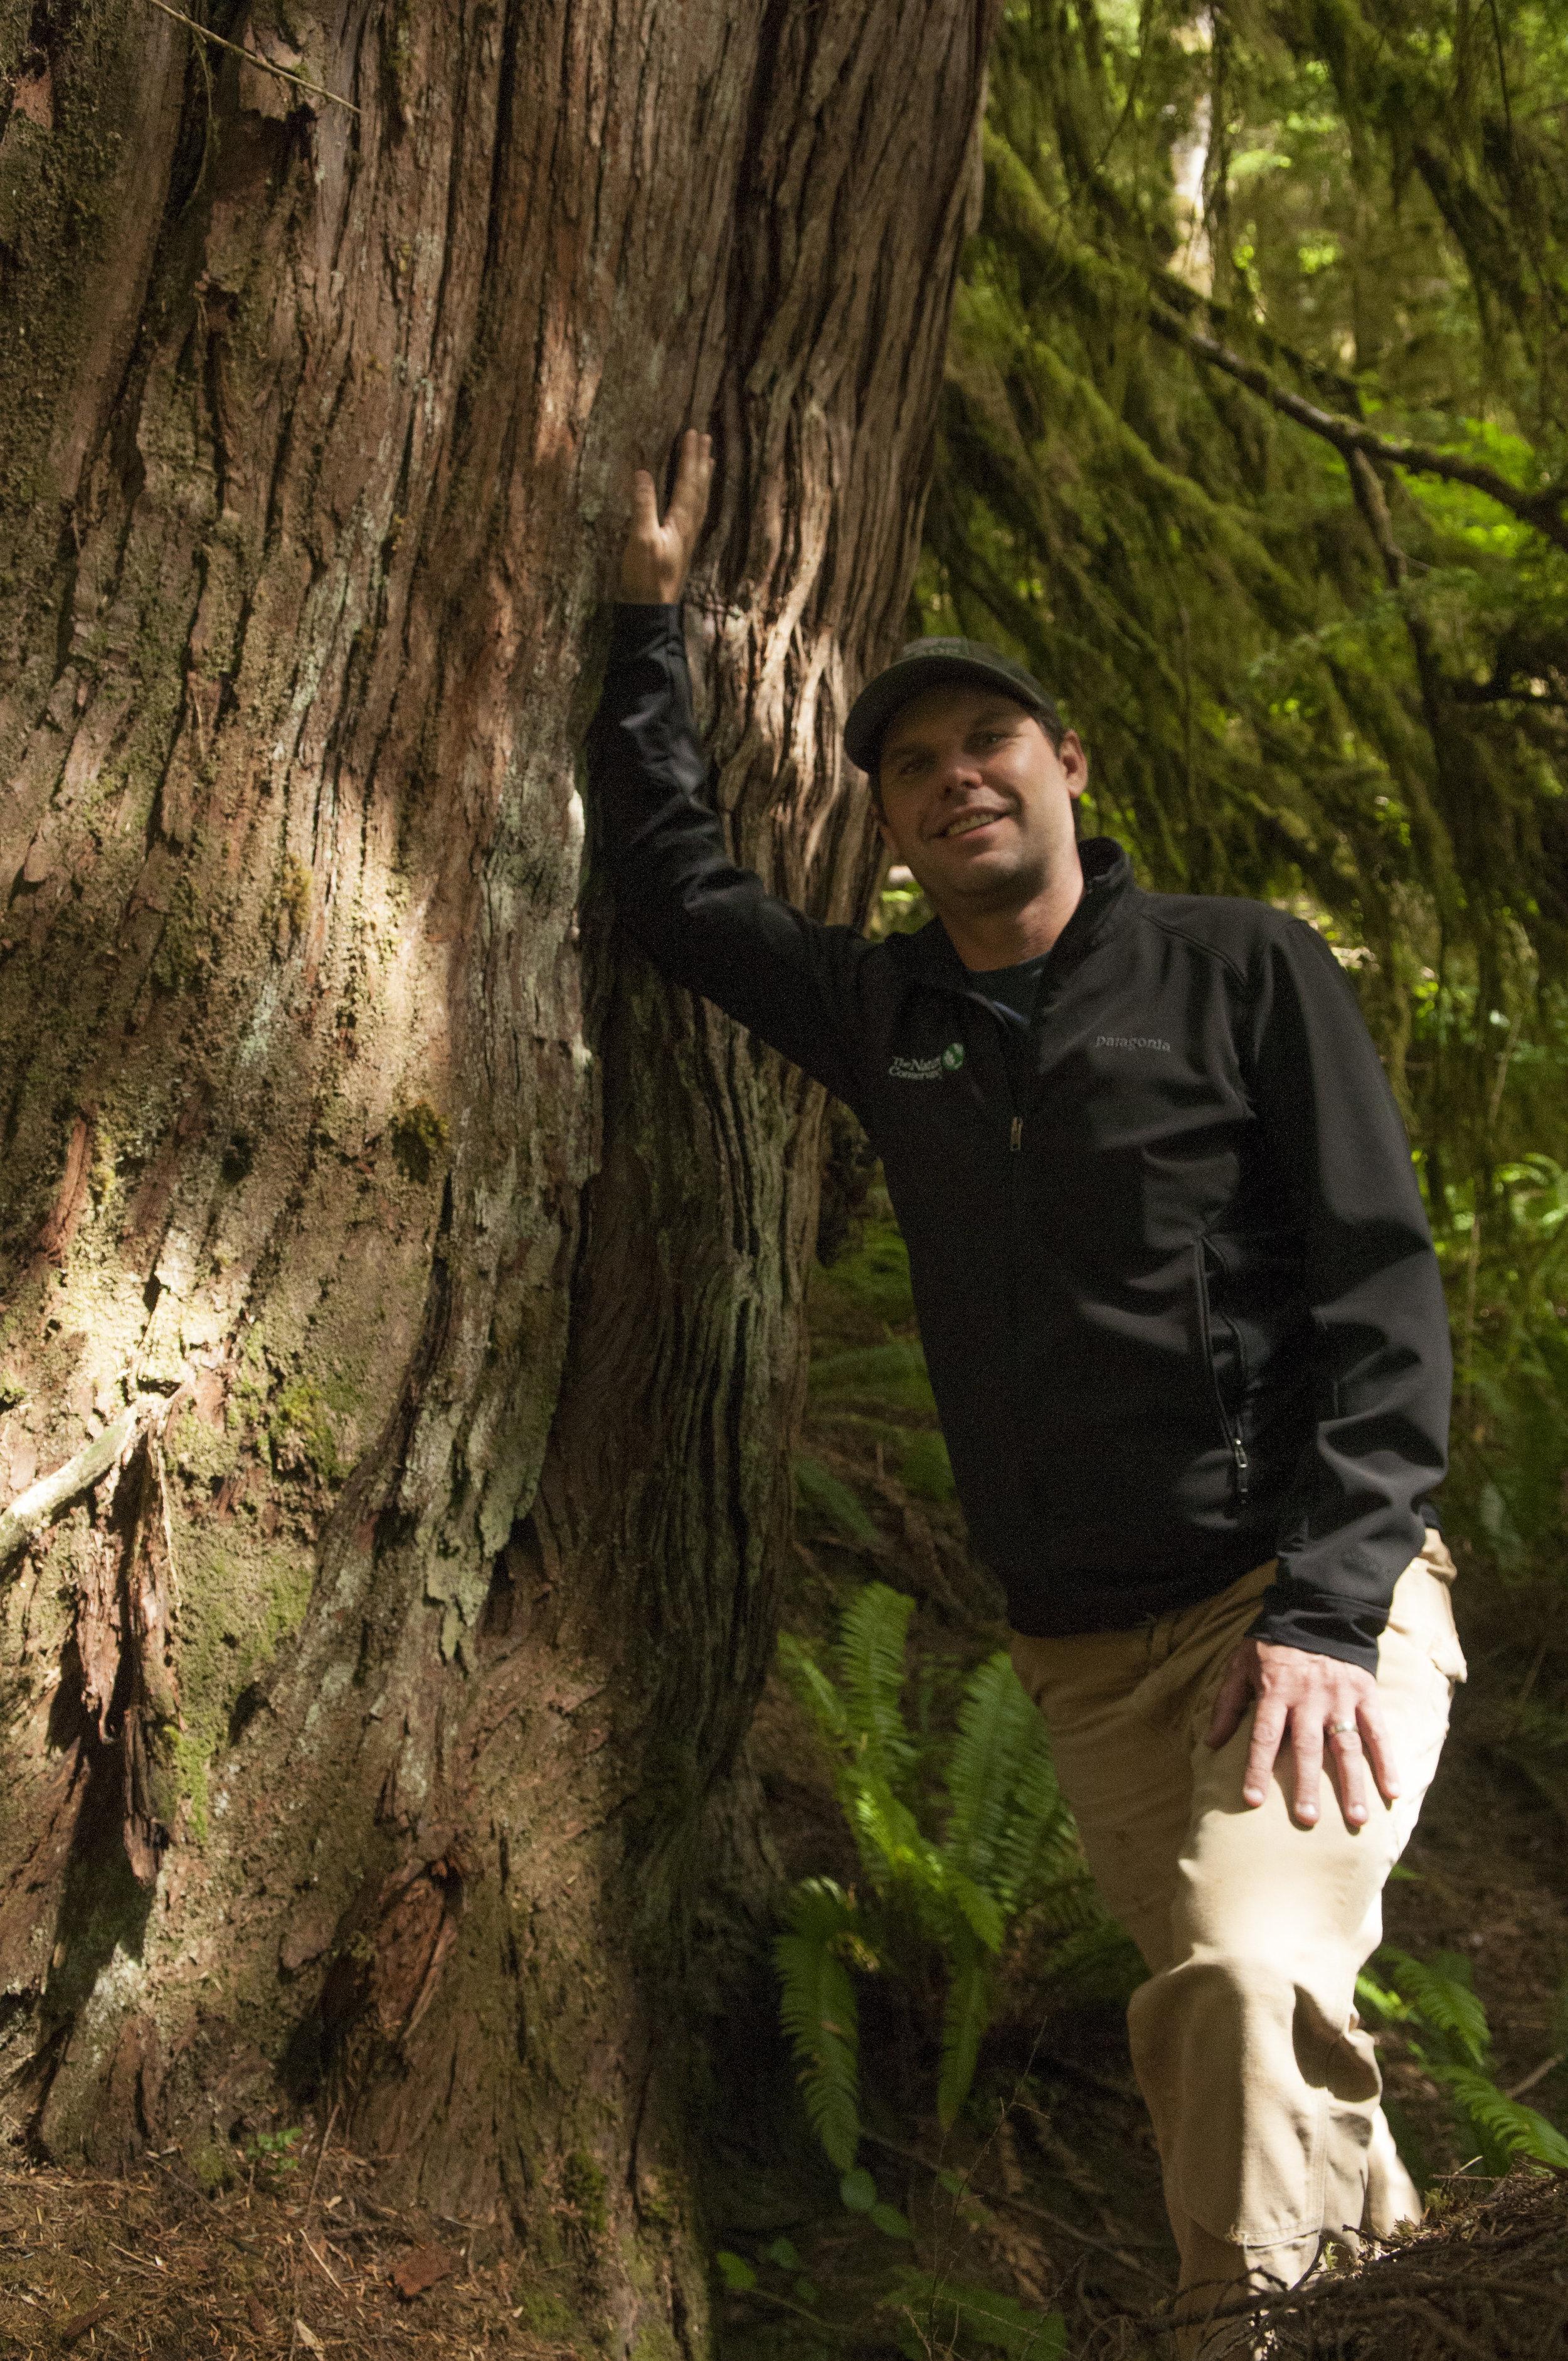 Kyle Smith near a Western red cedar along the Hoh River. Nikolaj Lasbo/TNC